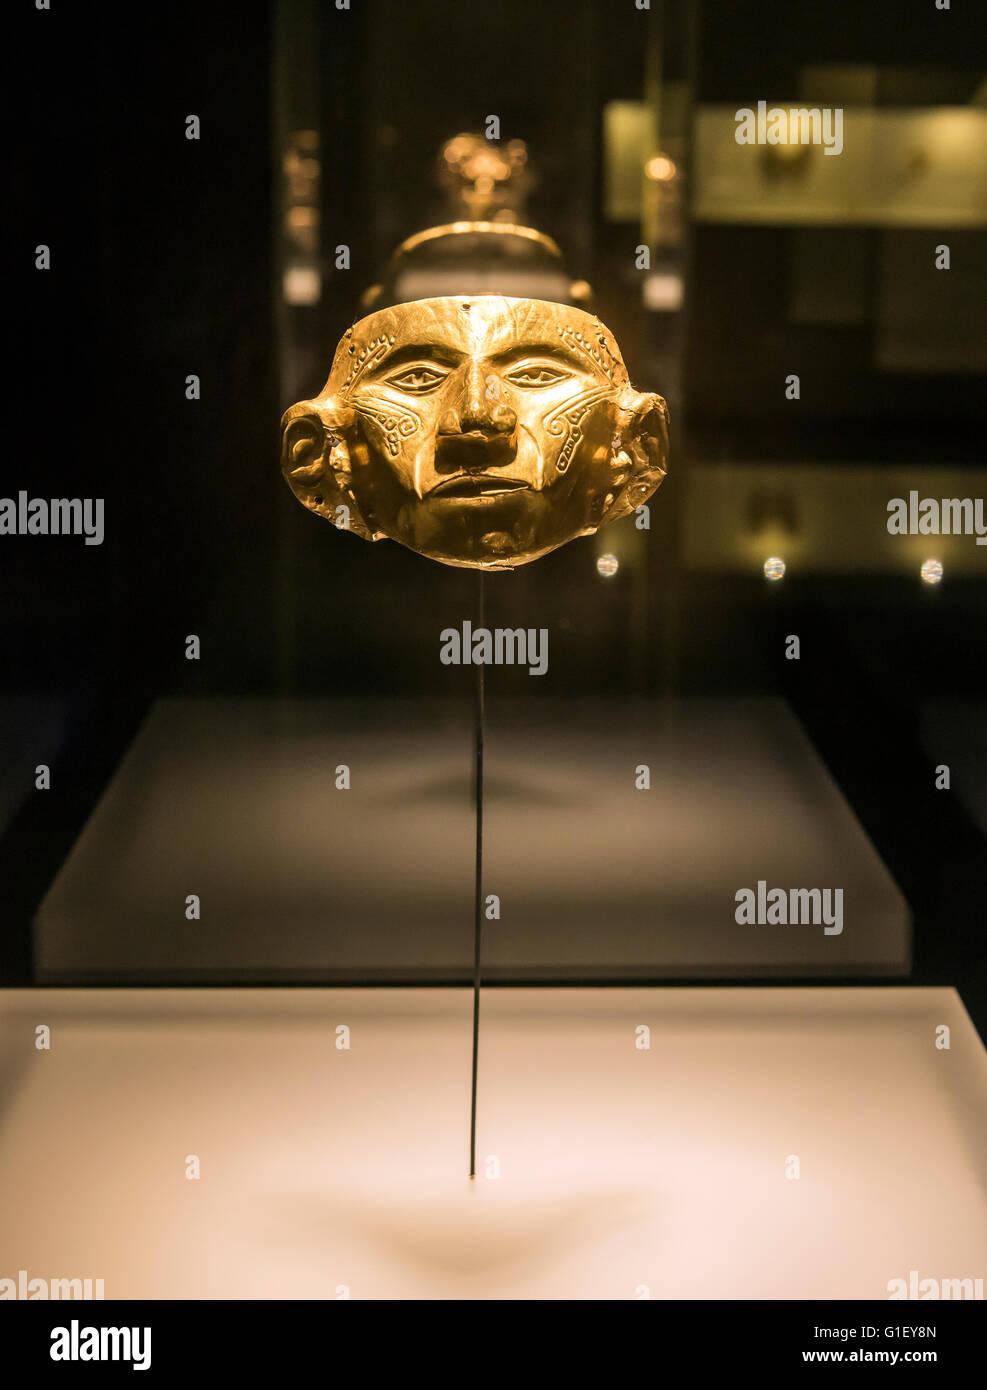 Masque d'or au Museo del Oro ou Musée de l'or Bogota Colombie Photo Stock